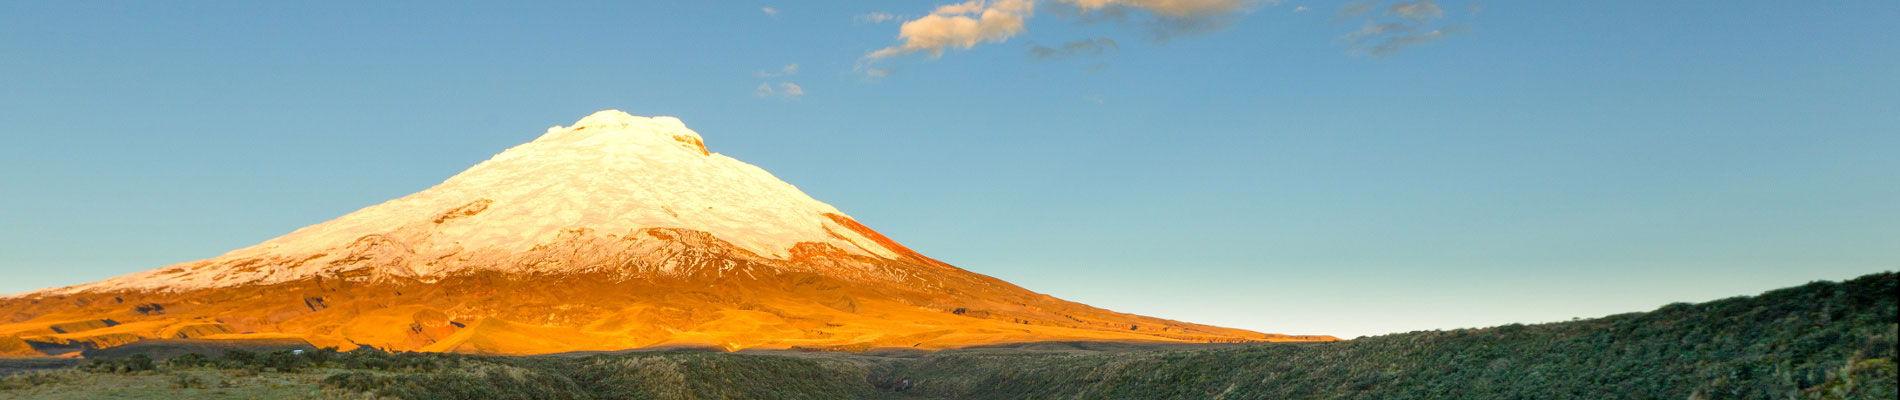 equateur-volcan-cotopaxi-st(1)